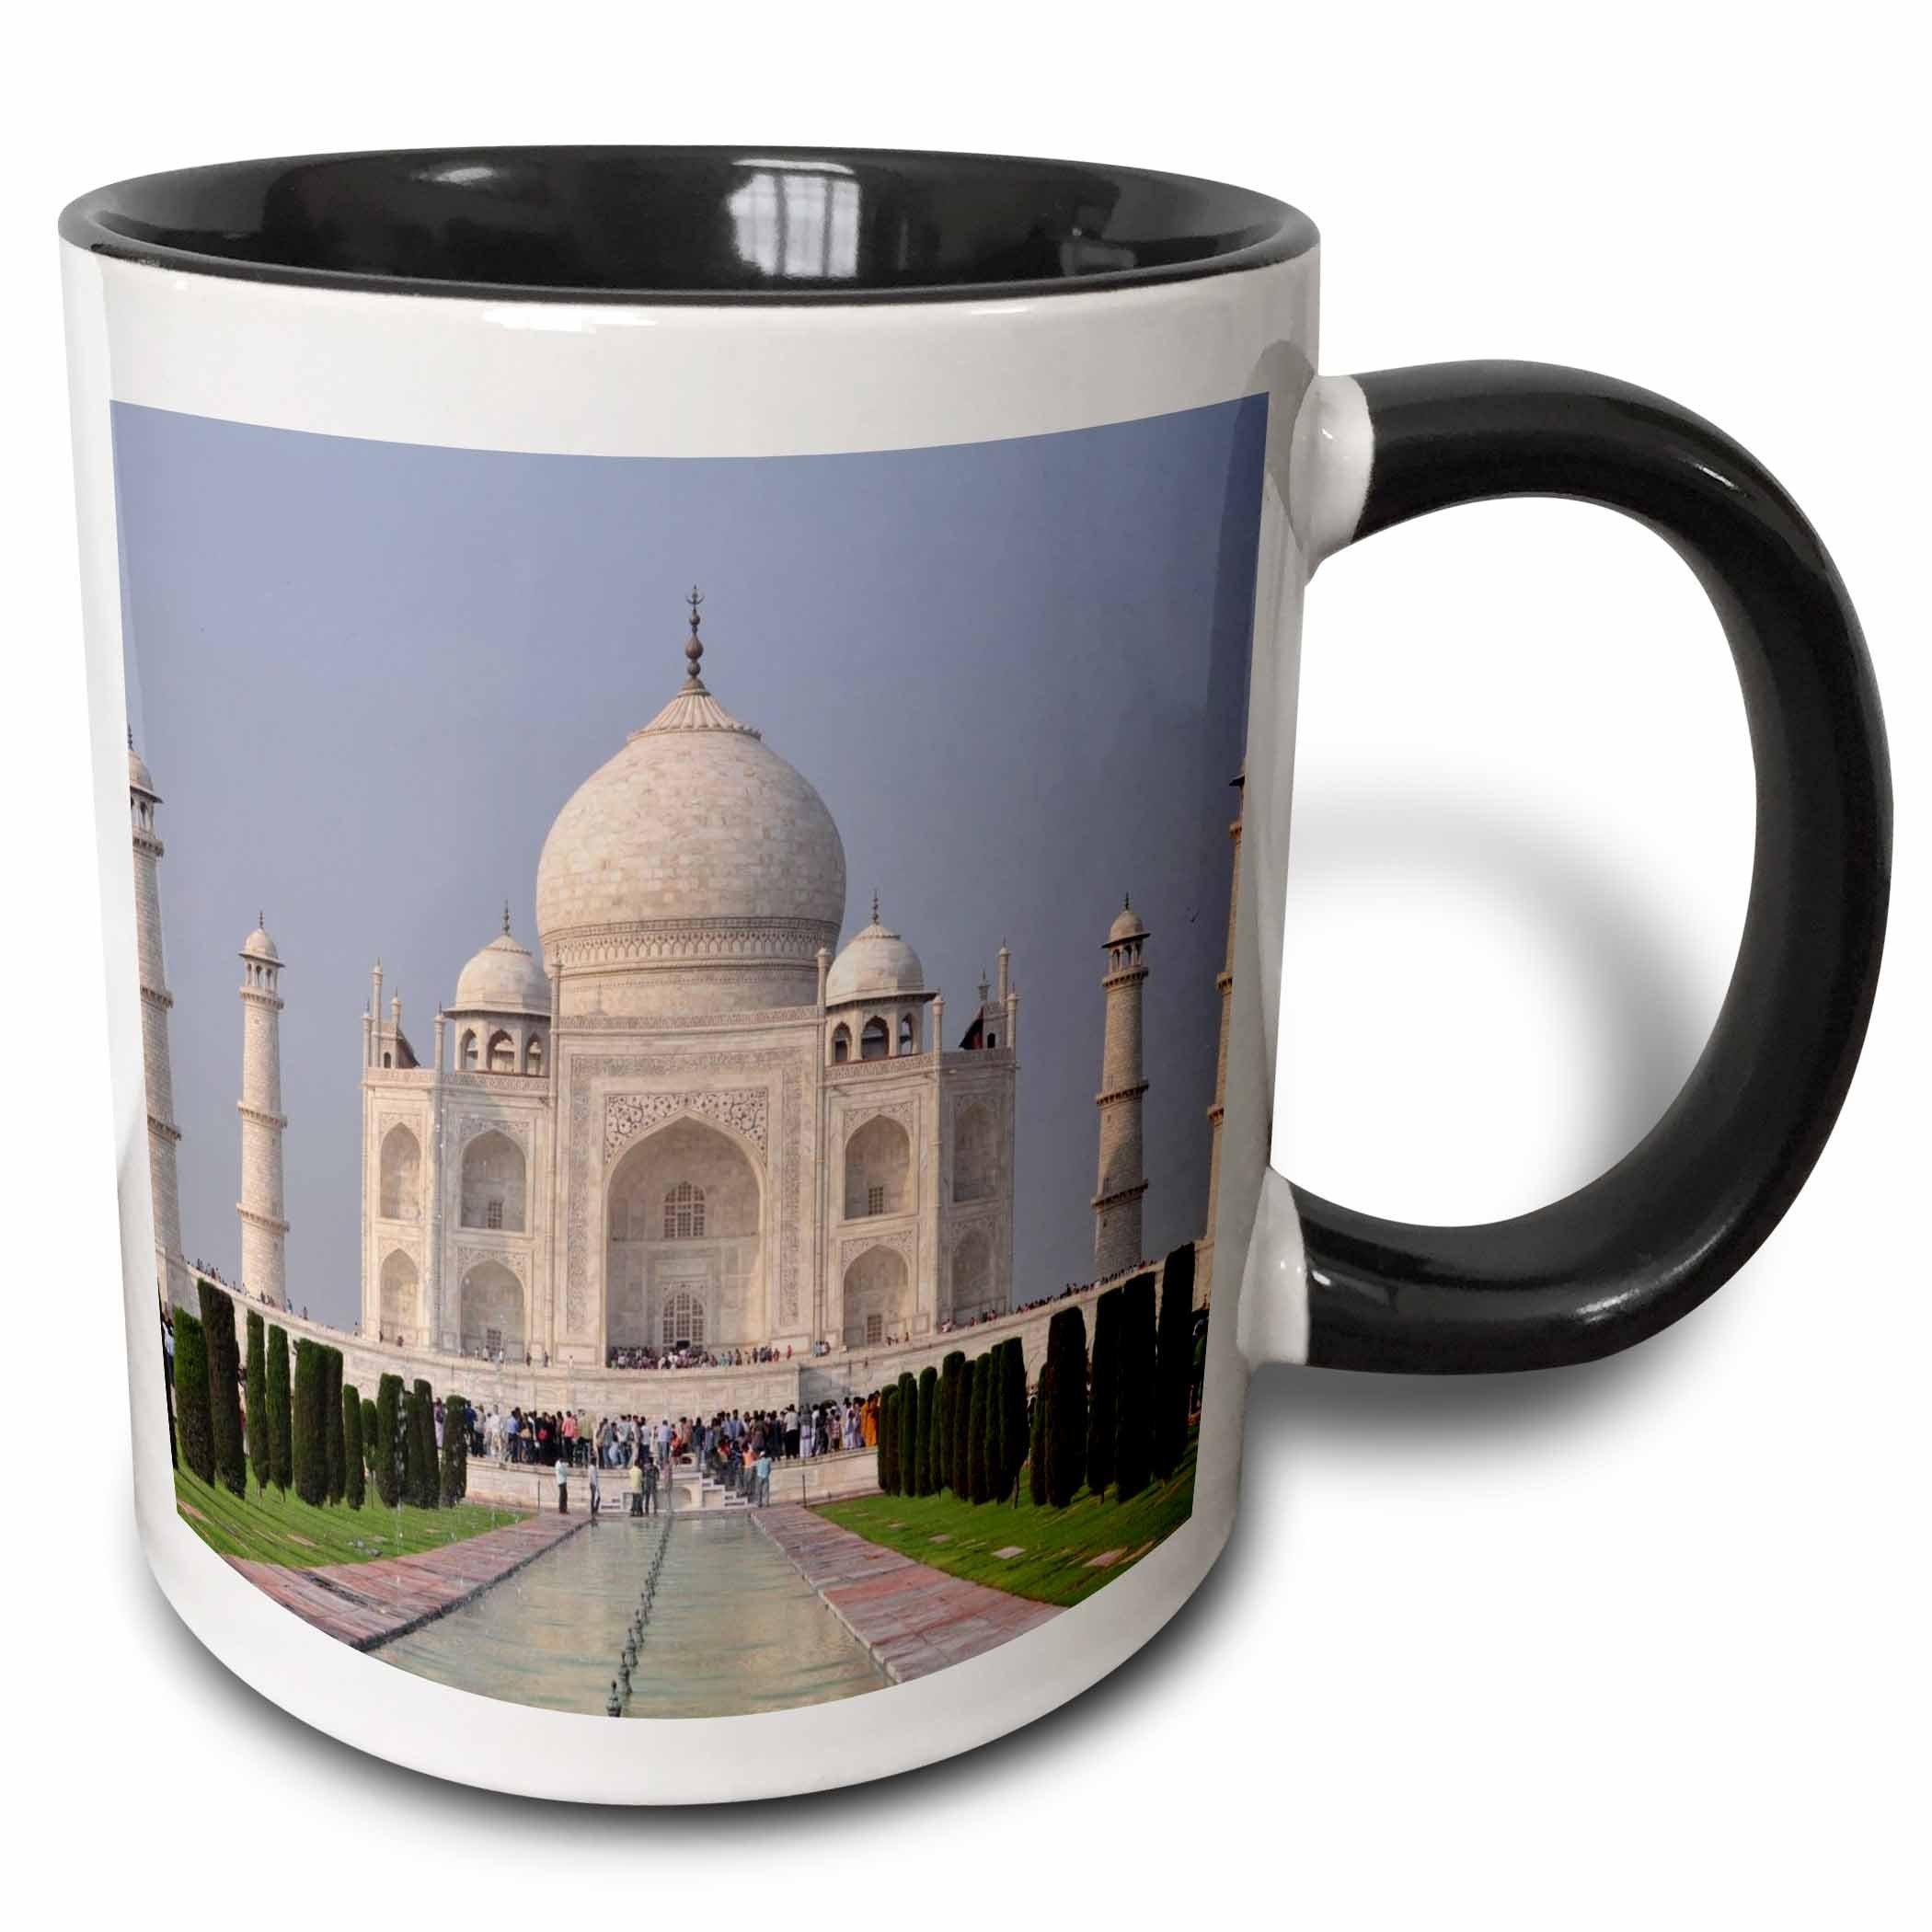 3dRose mug_268675_4 Taj Mahal in Delhi-India Ceramic, 11 oz, Black/White